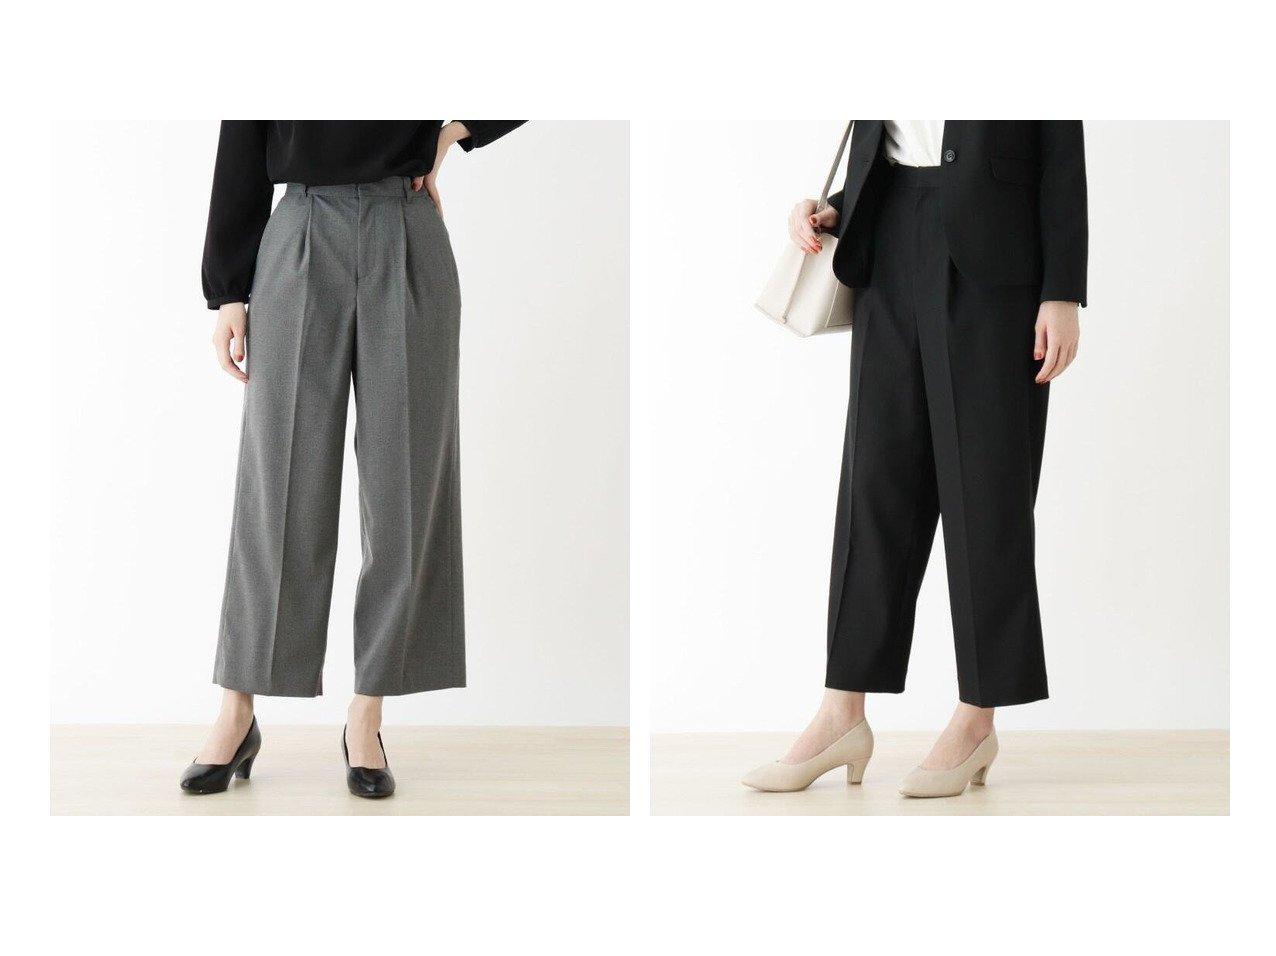 【SHOO LA RUE / DRESKIP/シューラルー ドレスキップ】の【M-洗える】キャリ-マンワイドパンツ パンツのおすすめ!人気、トレンド・レディースファッションの通販 おすすめで人気の流行・トレンド、ファッションの通販商品 メンズファッション・キッズファッション・インテリア・家具・レディースファッション・服の通販 founy(ファニー) https://founy.com/ ファッション Fashion レディースファッション WOMEN パンツ Pants ジャケット ストレッチ スーツ セットアップ センター フィット ワイド 再入荷 Restock/Back in Stock/Re Arrival 洗える |ID:crp329100000022385